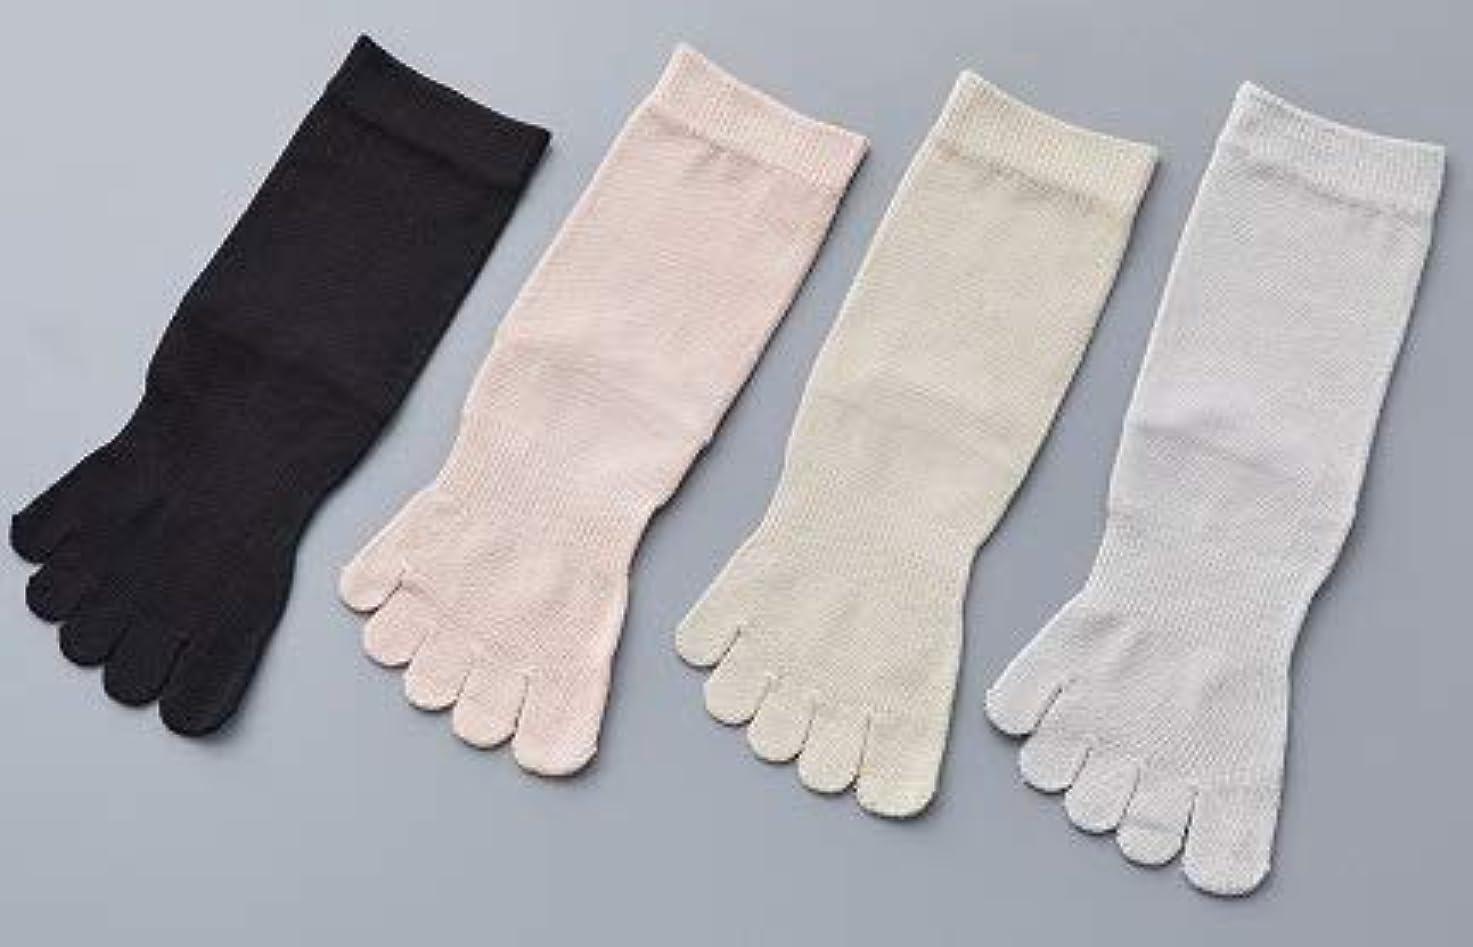 お父さん口ひげカジュアル婦人 シルク 5本指 靴 下最高級 シルク100% 使用 プレゼントに最適 22-24cm 太陽ニット S90 (ベージュ)